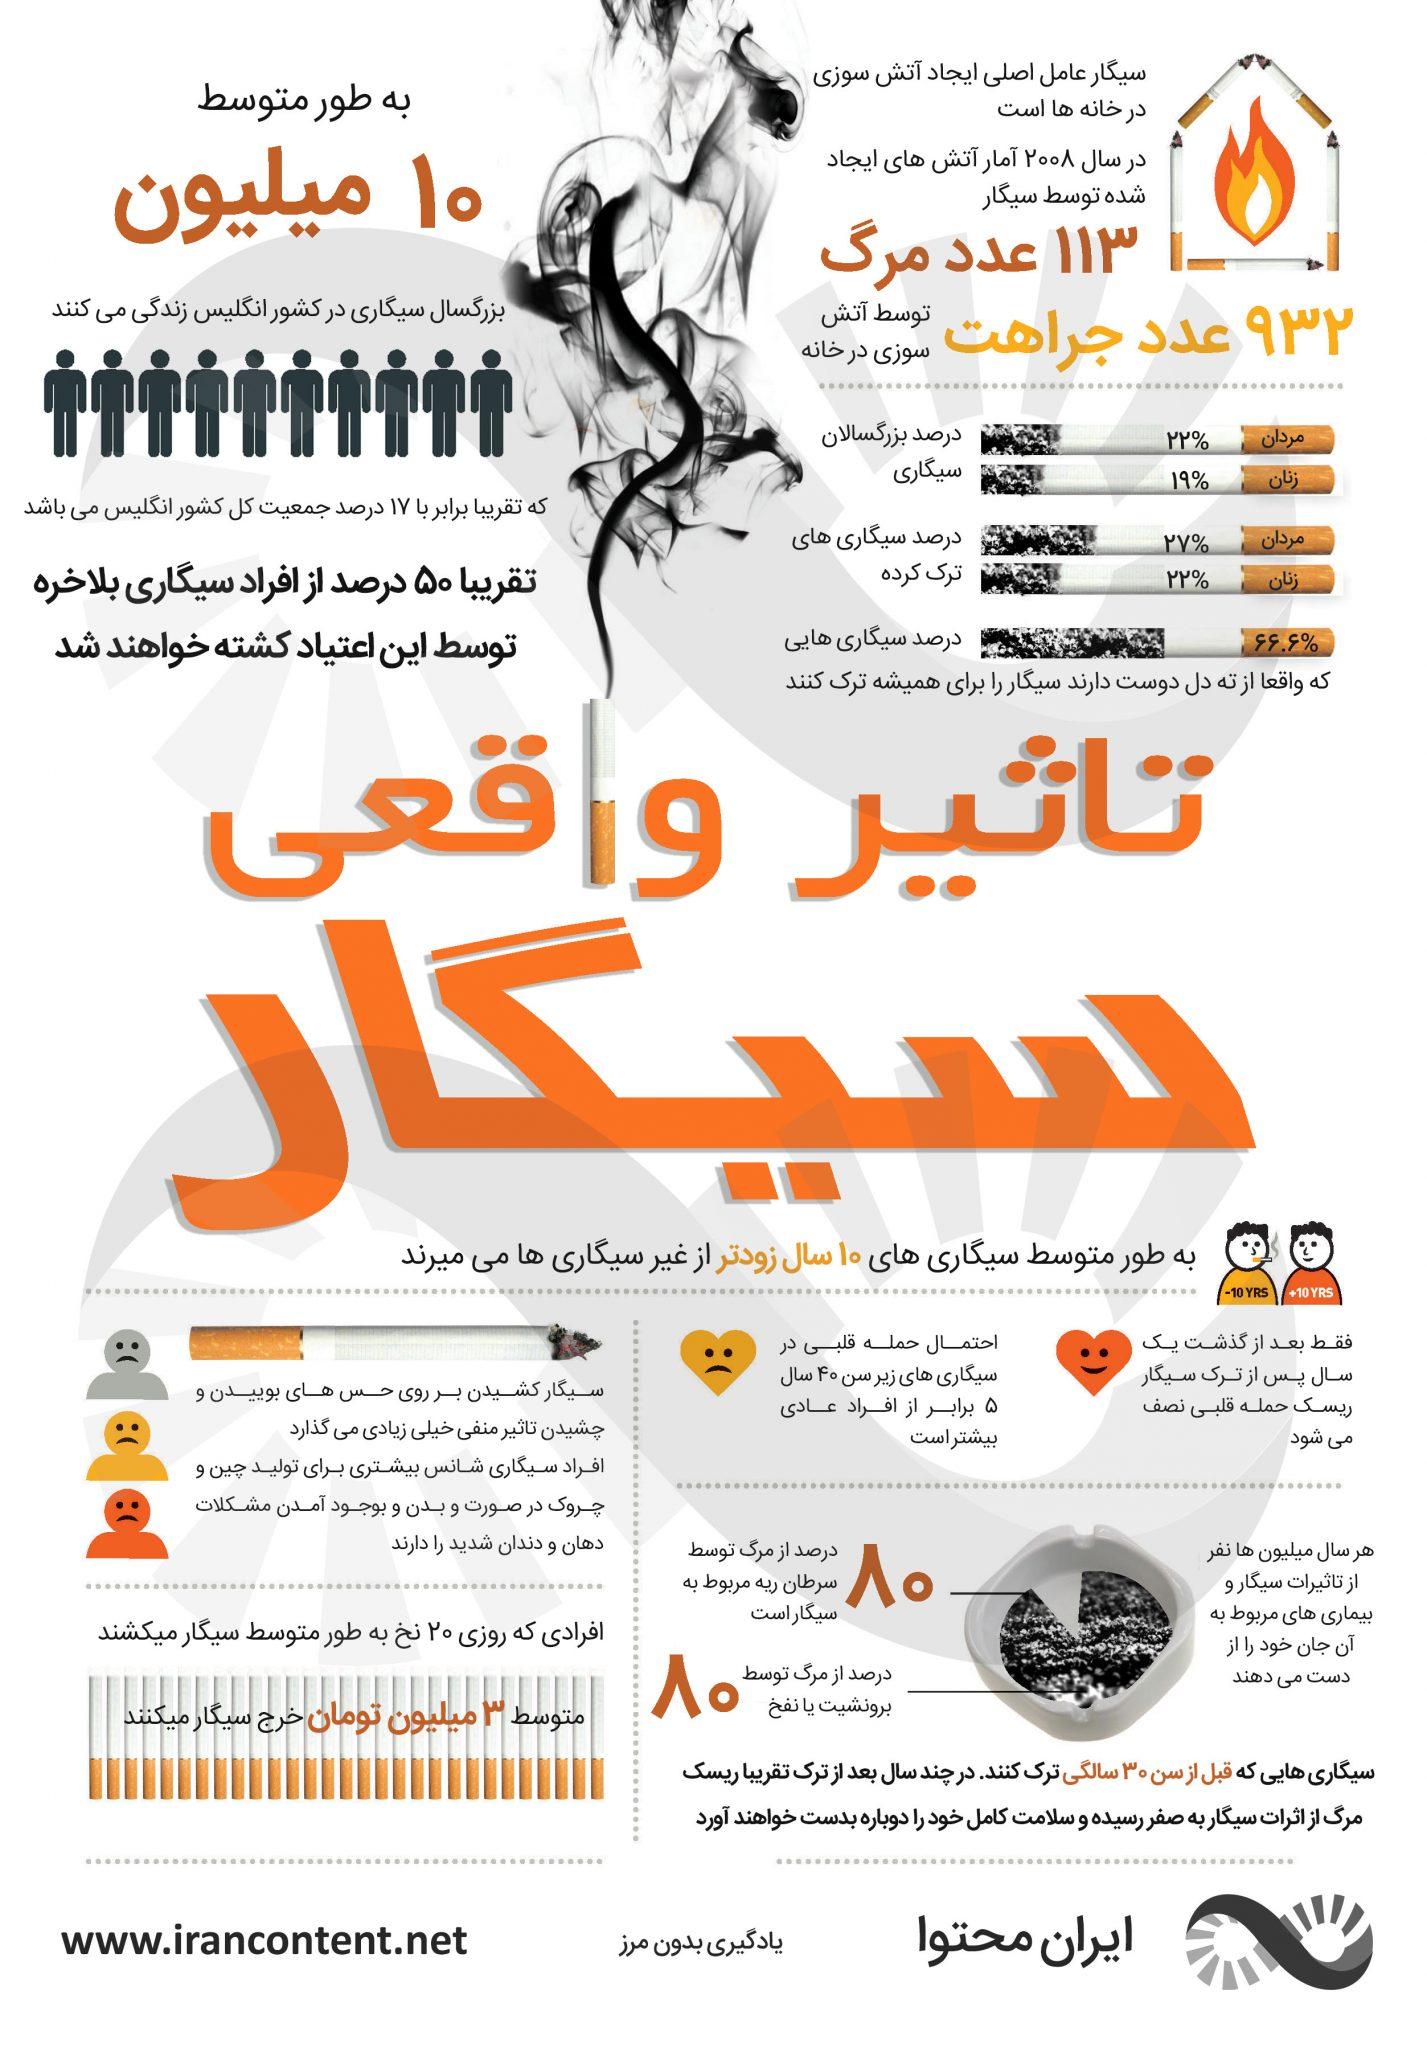 ضرر های سیگار کشیدن ضررهای سیگار در بدن ضررهای سیگار در جسم تاثیر سیگار خطرات سیگار کشیدن سیگار اینفوگرافیک خطرات سیگار کشیدن اینفوگرافیک ضررهای سیگار کشیدن